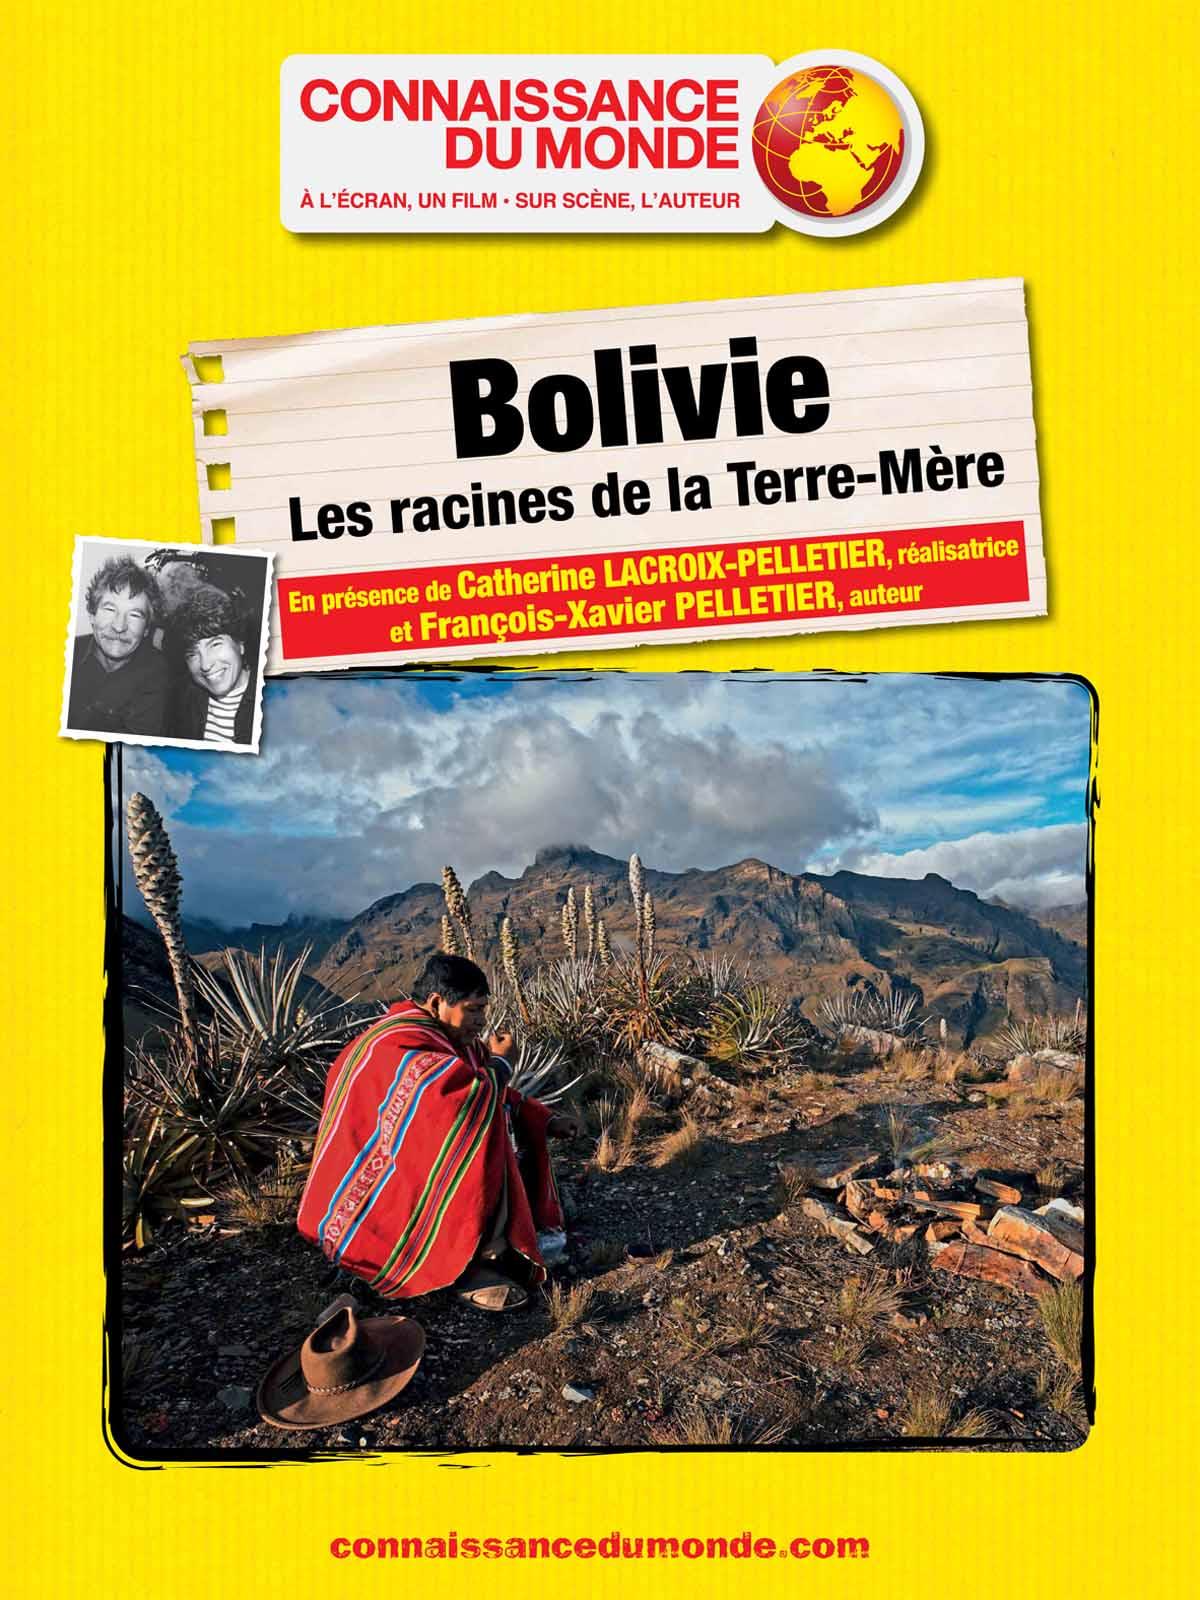 BOLIVIE, Les racines de la Terre-Mère